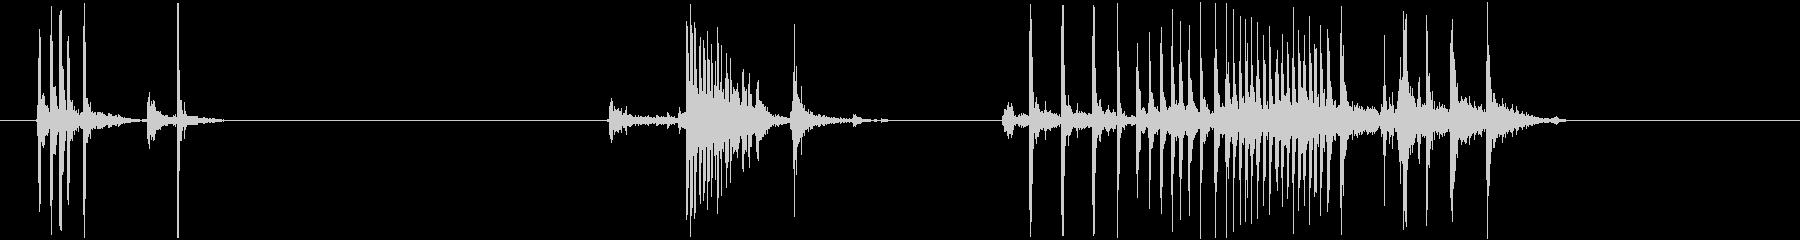 ぎしぎし(きしむ音)の未再生の波形